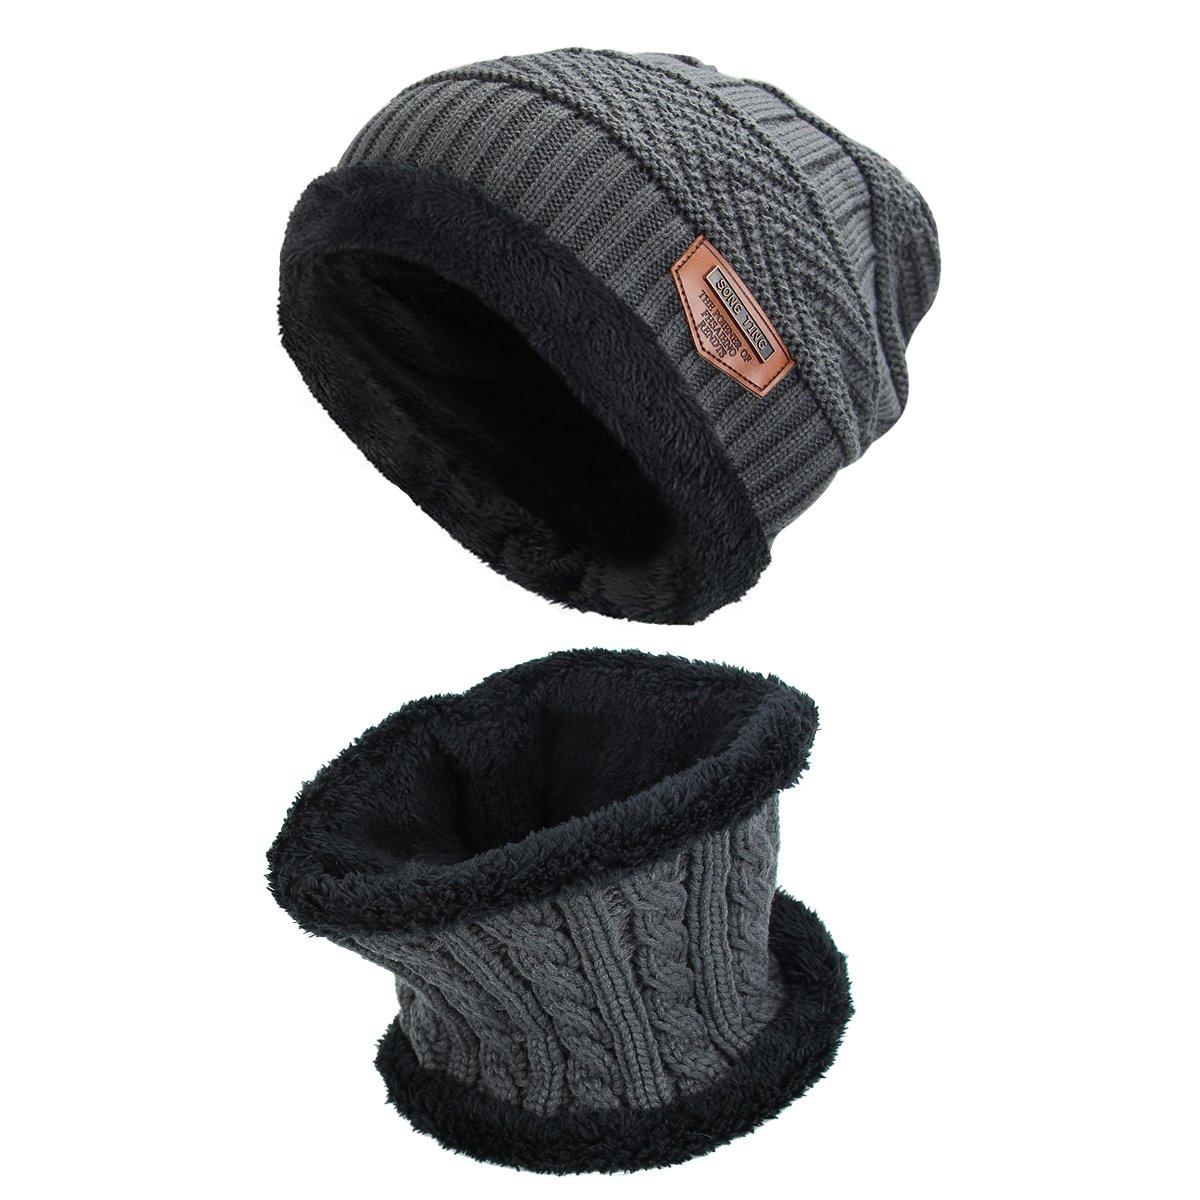 Cappello e sciarpa Set, uomo e donna Warm Hat a maglia e sciarpa di lana, 2 pezzi 2 pezzi - Grigio (Grigio) 8165615MAATR141